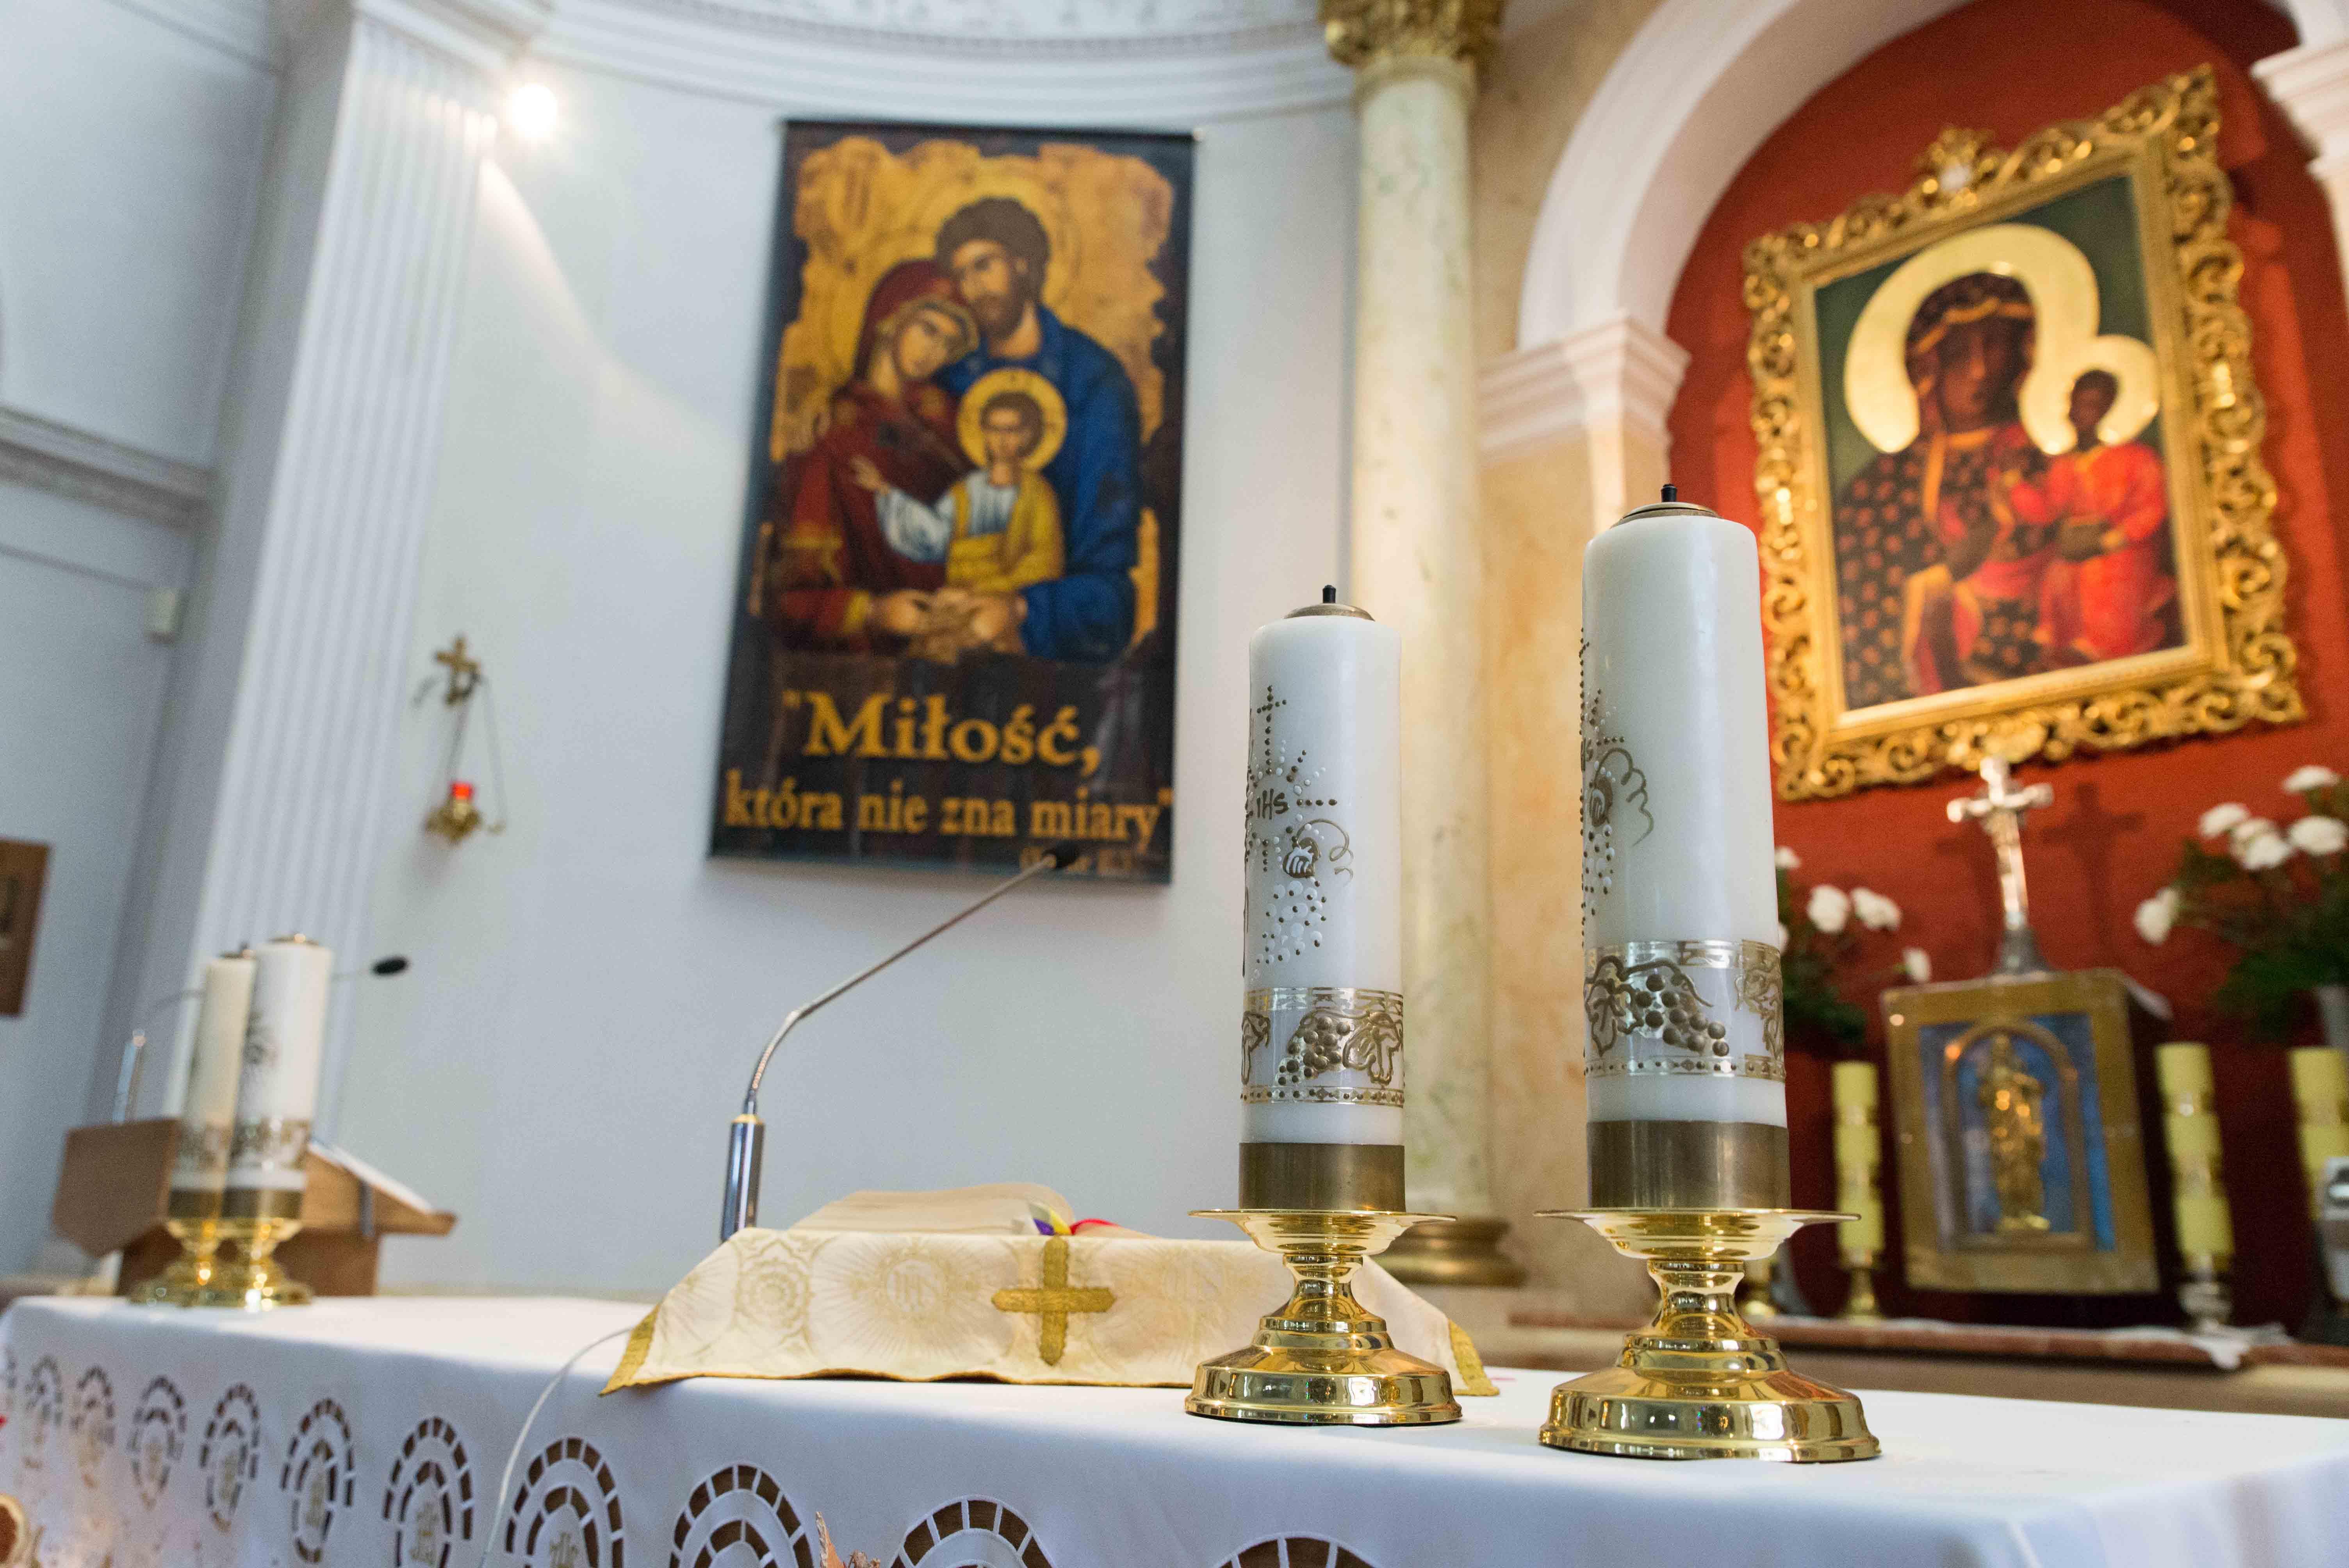 Kosciol Najswietszej Maryi Panny Czestochowskiej we Wroclawiu male (17)